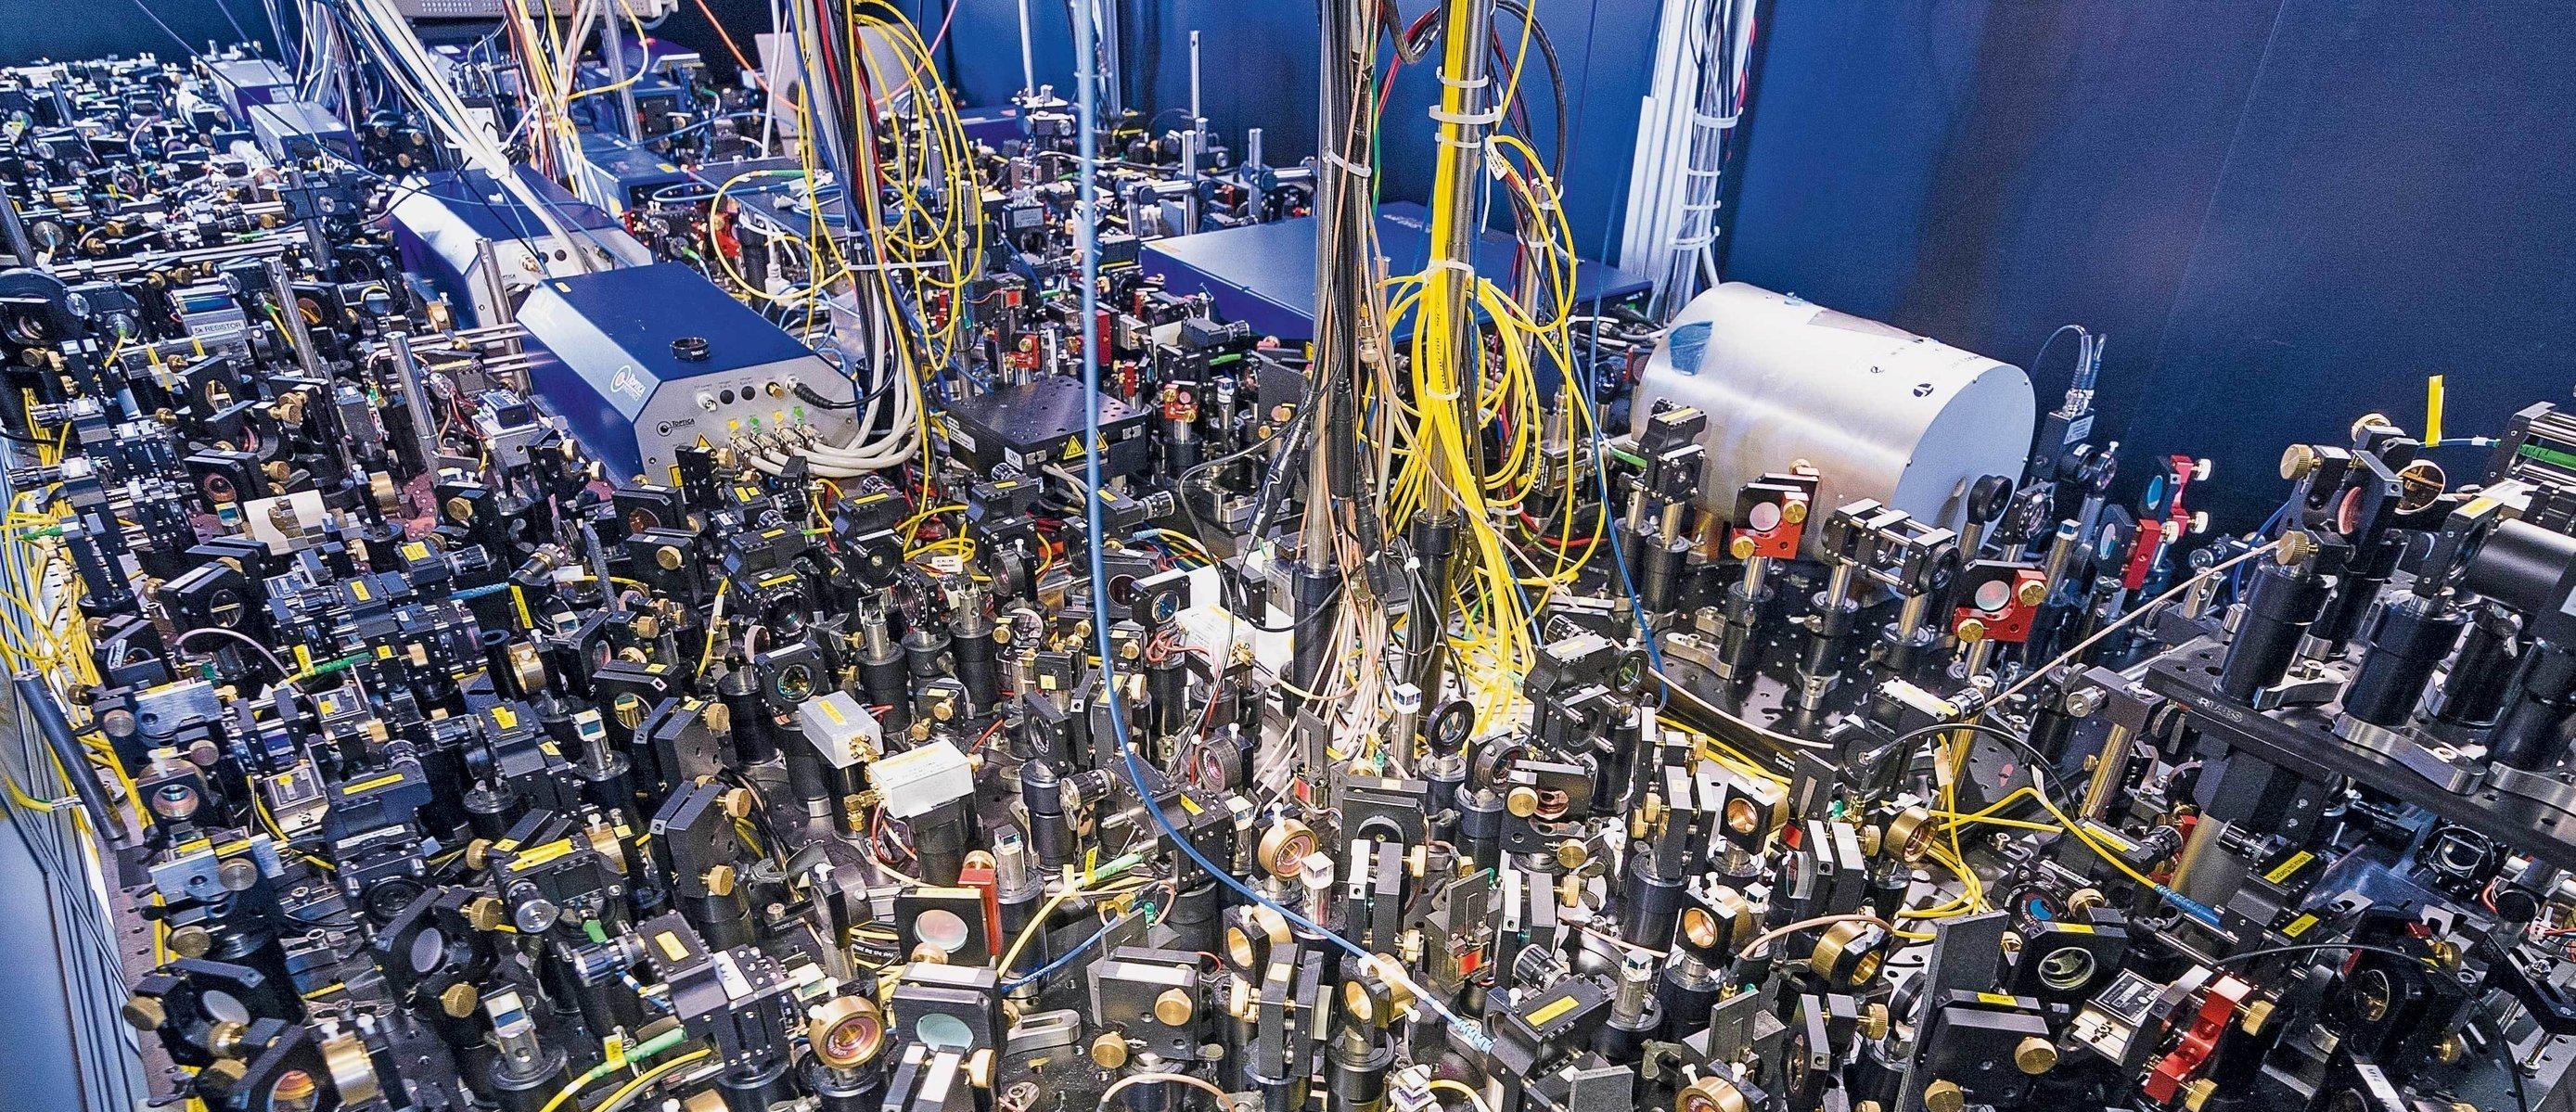 Hightech-Netzwerk: Quantenexperimente, wie sie etwa am Max-Planck-Institut für Quantenoptik gemacht werden, sind mit großem technischen Aufwand verbunden. Das Munich Quantum Valley wird der Wissenschaft und der Industrie eine Infrastruktur für solche Experimente zur Verfügung stellen.  © Axel Griesch